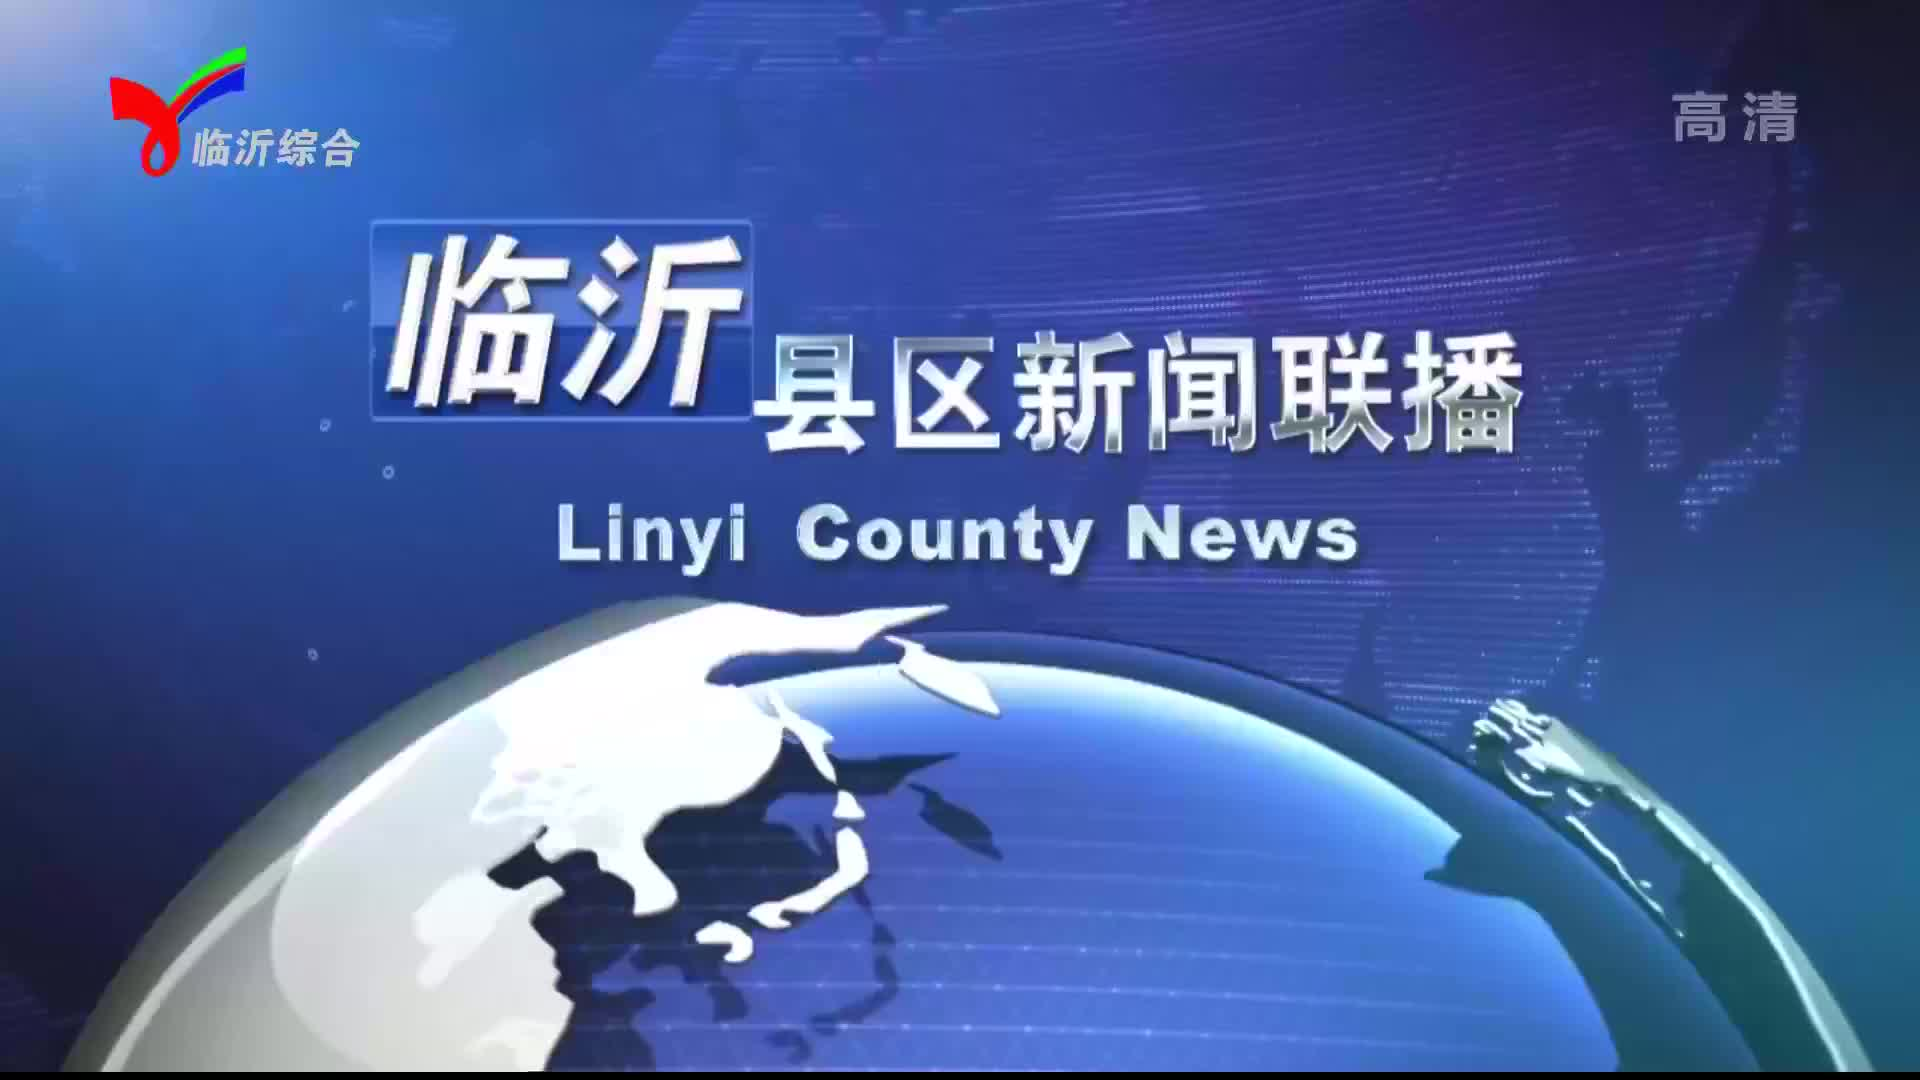 2021年9月17日临沂县区新闻联播